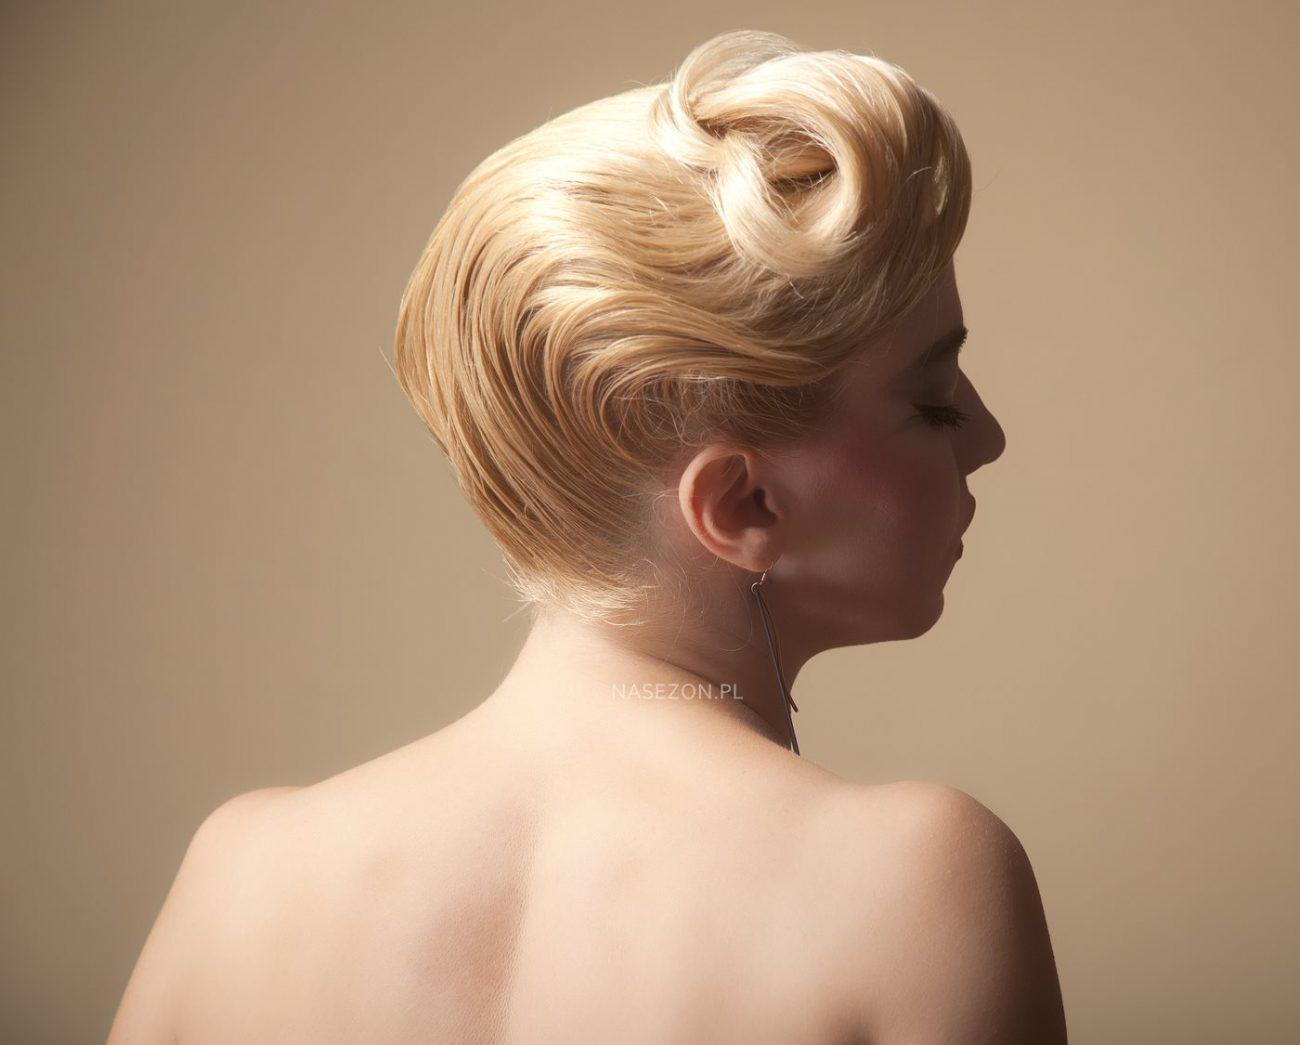 Archiwa Upięte Włosy Moda Na Każdy Sezon Fryzury